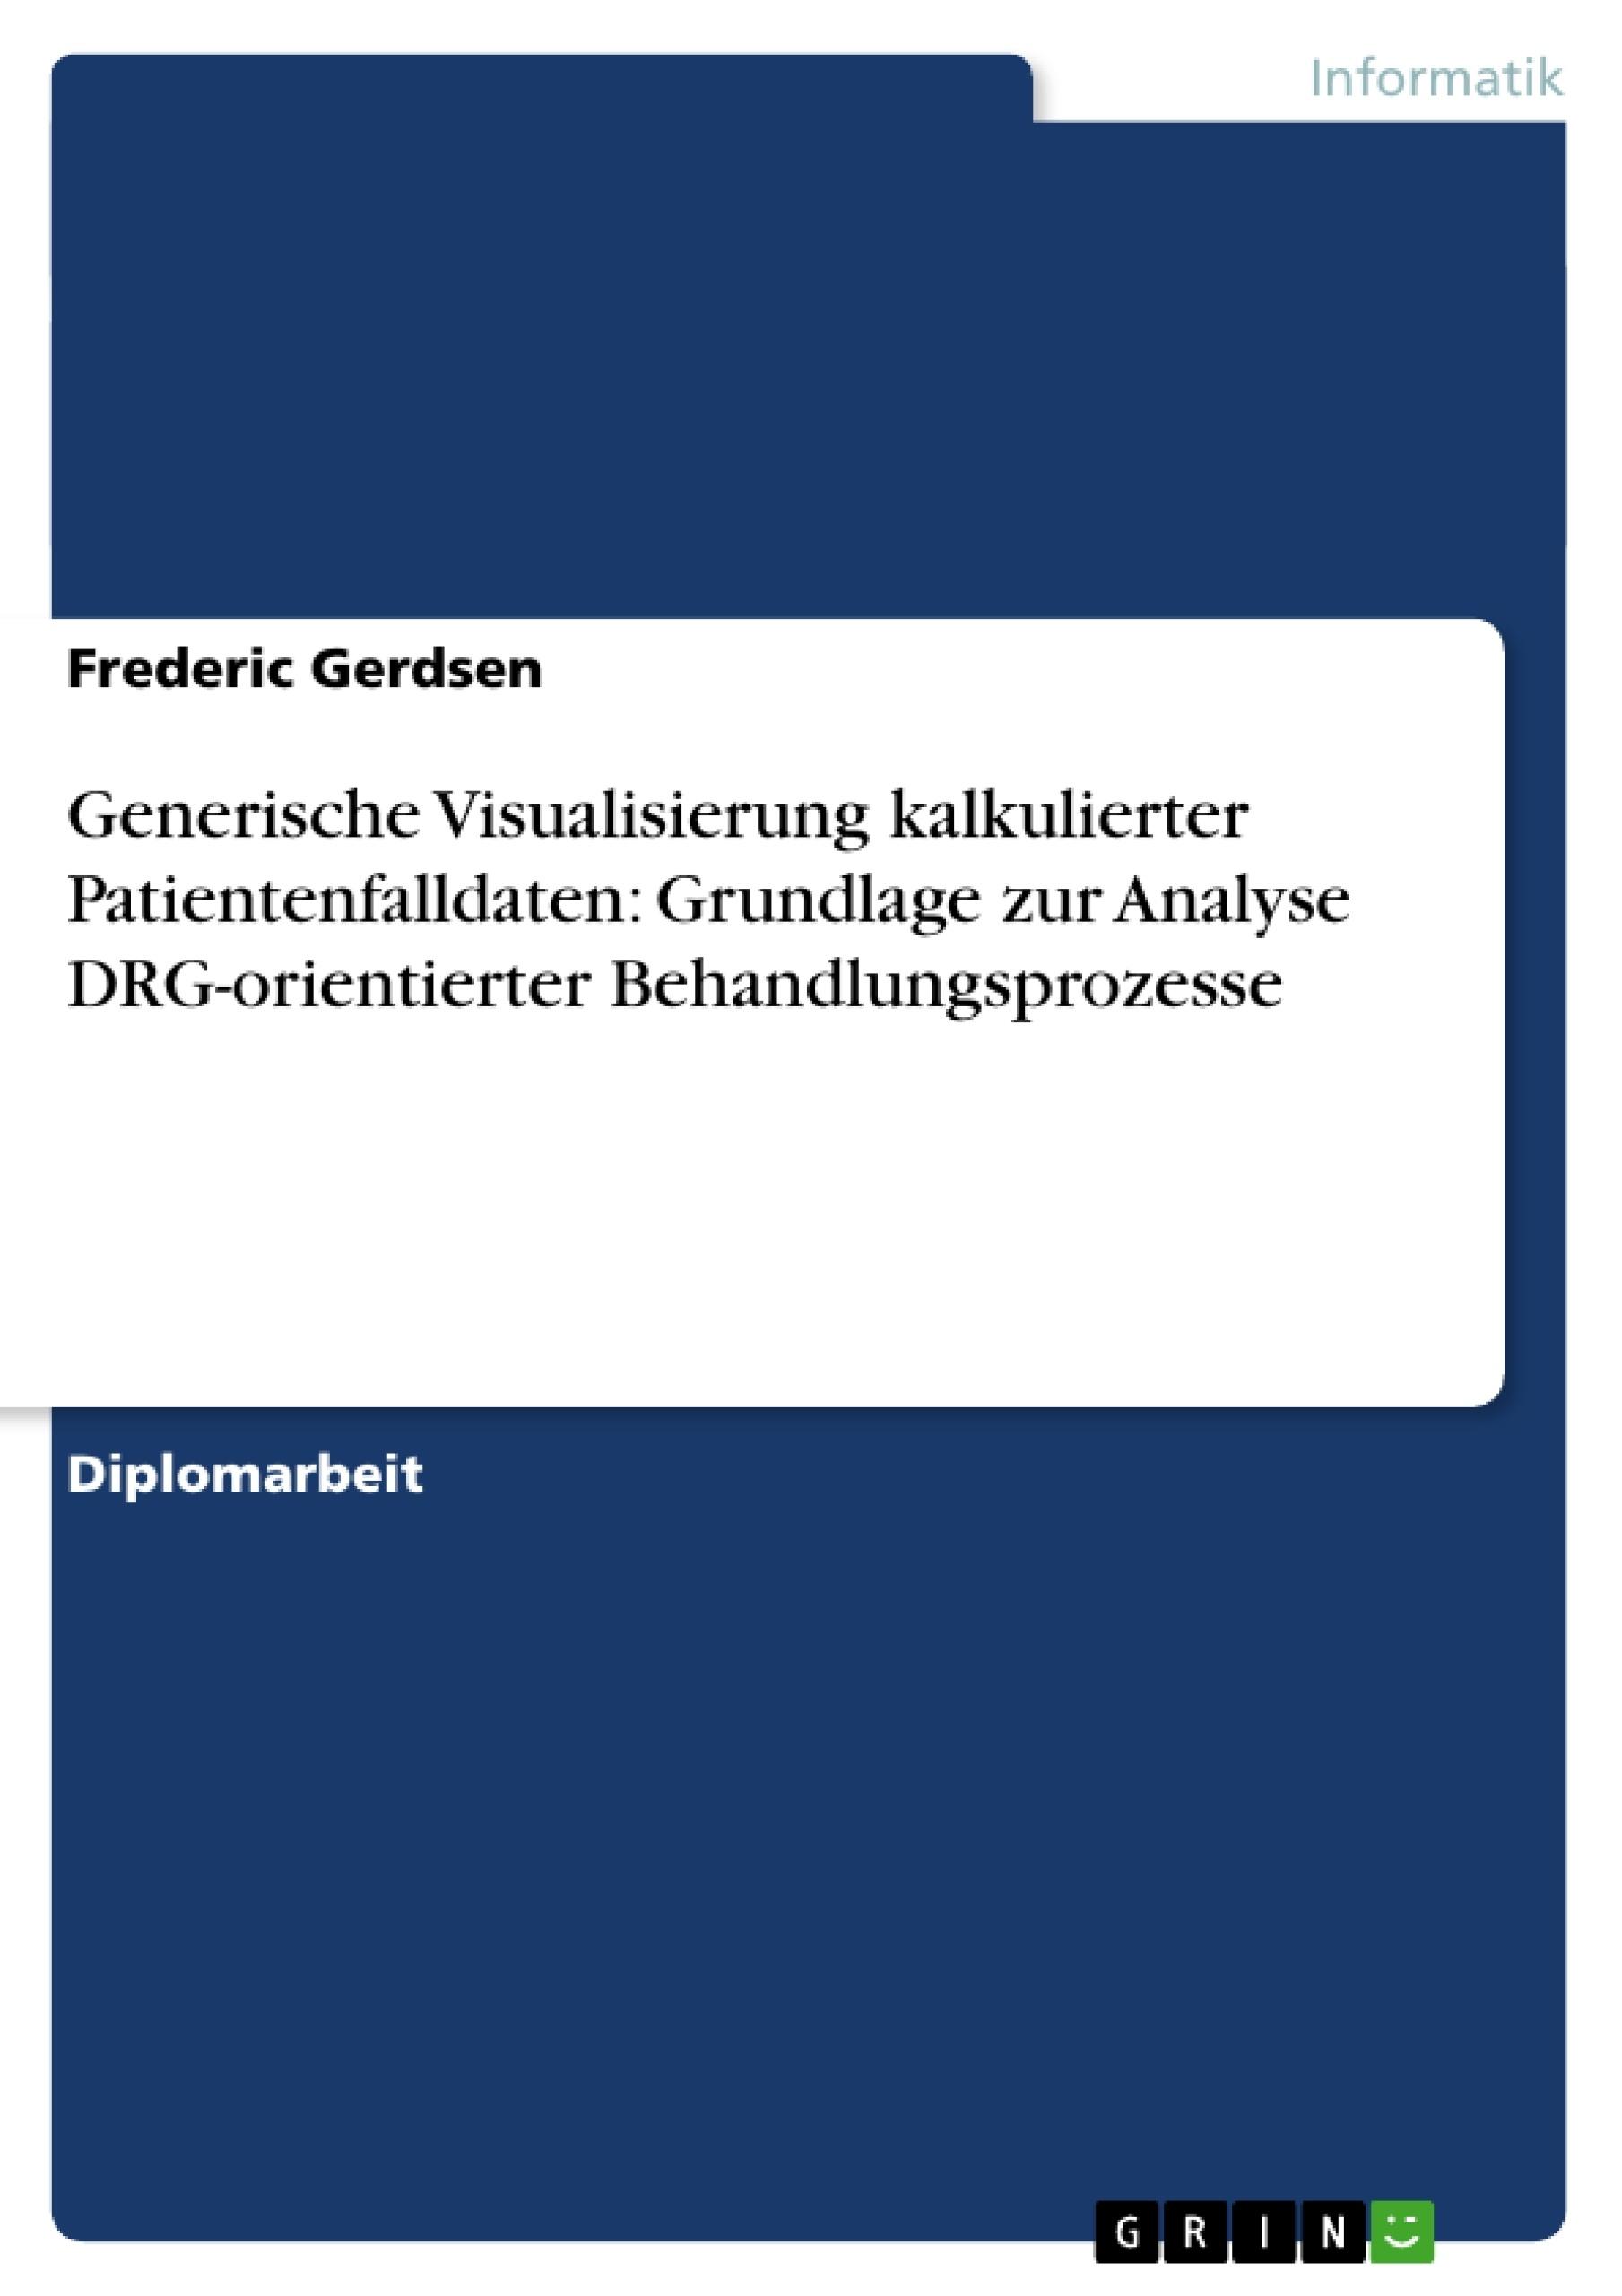 Titel: Generische Visualisierung kalkulierter Patientenfalldaten: Grundlage zur Analyse DRG-orientierter Behandlungsprozesse